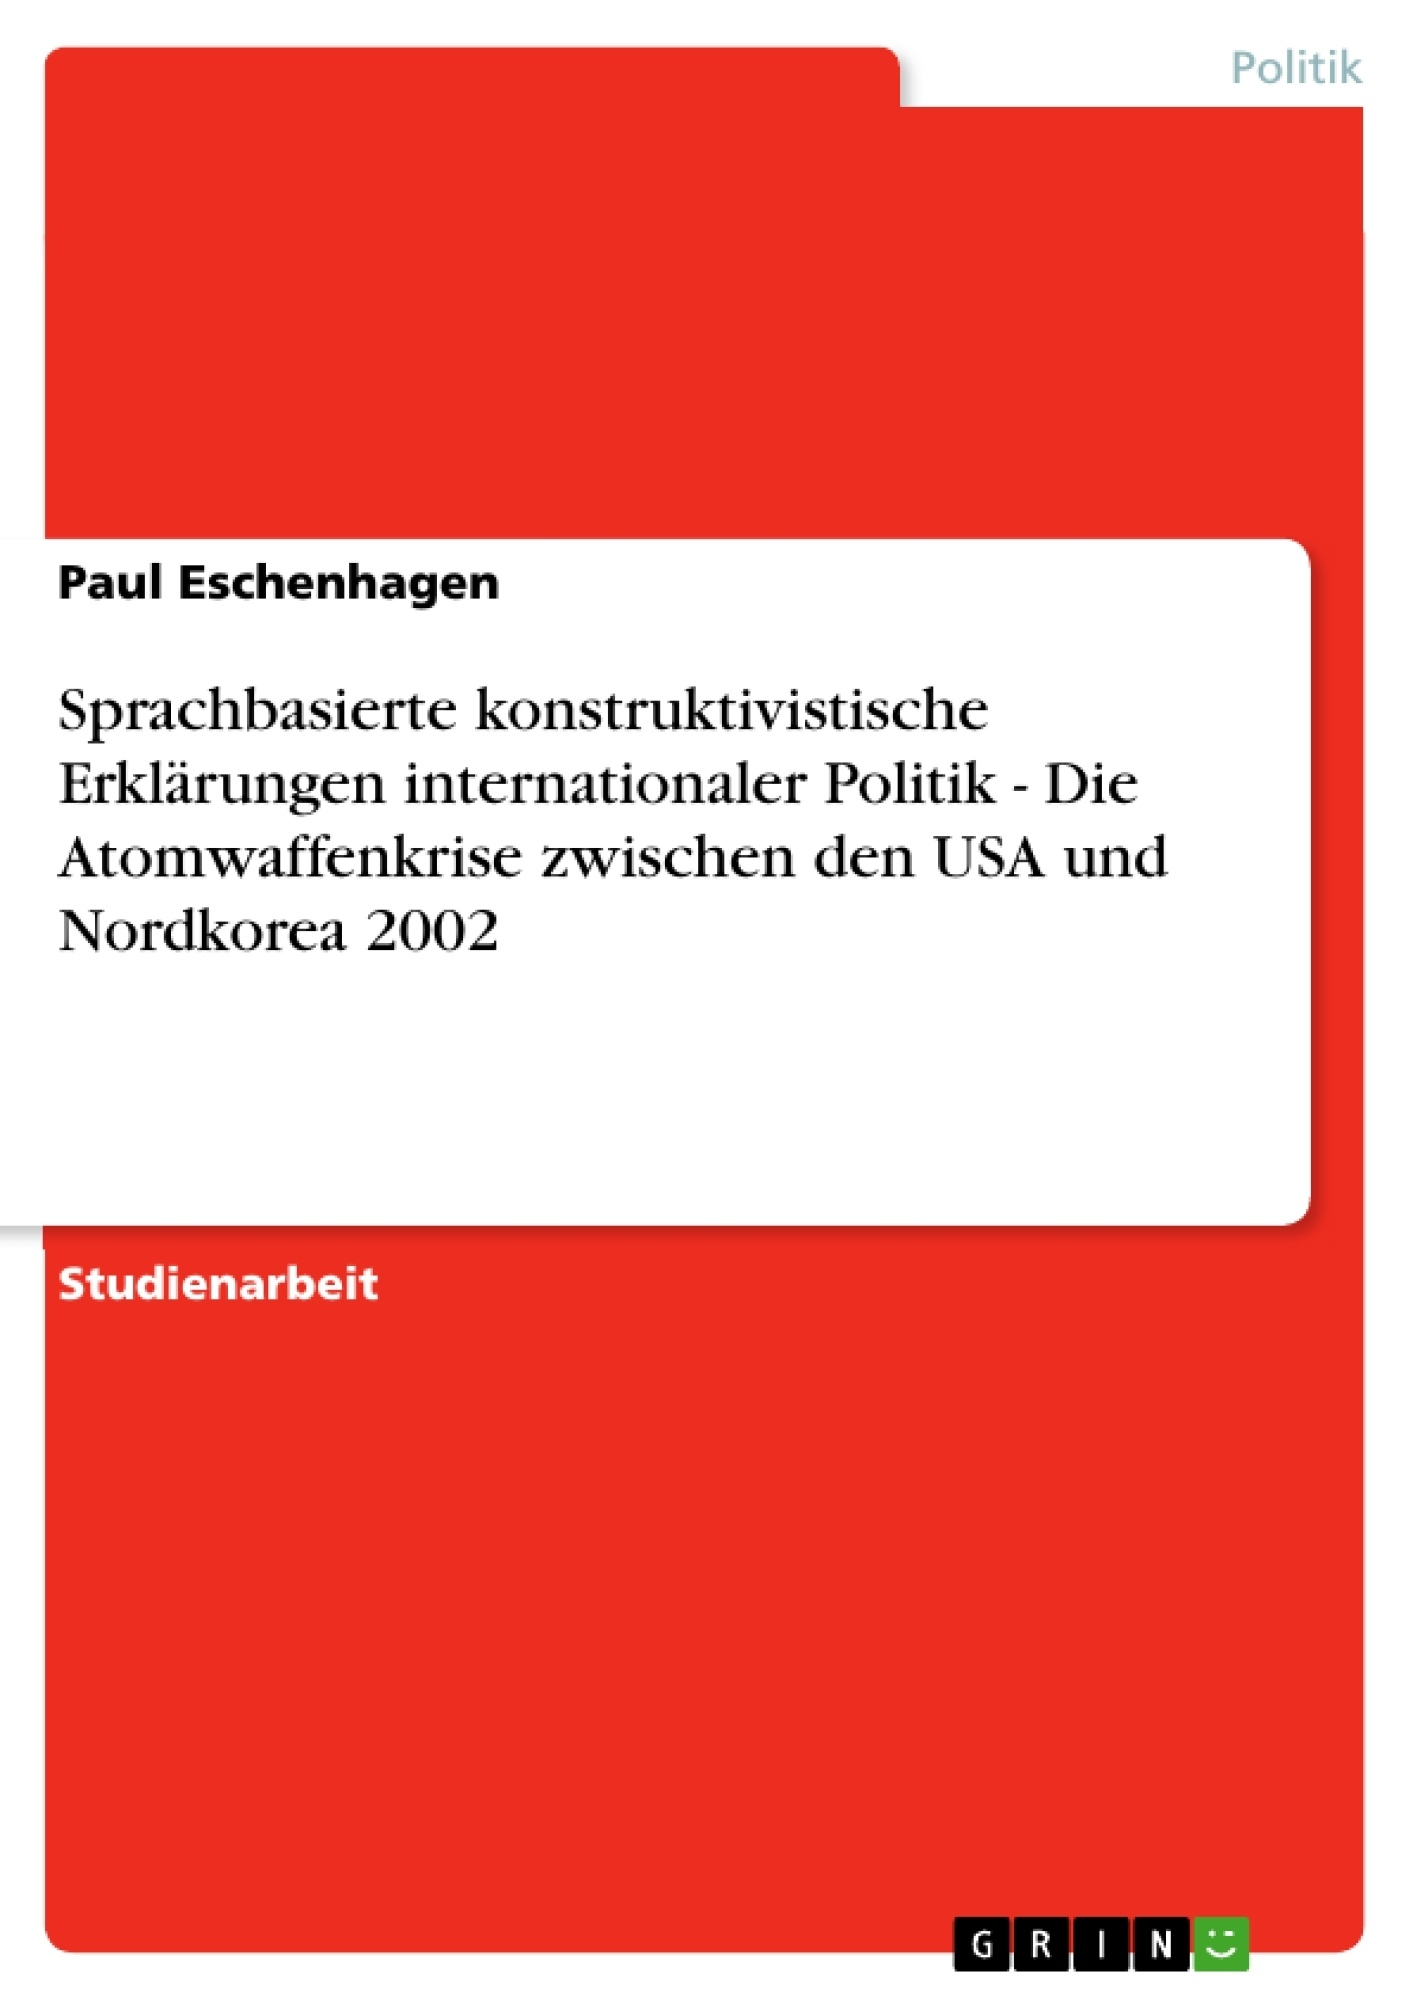 Titel: Sprachbasierte konstruktivistische Erklärungen internationaler Politik - Die Atomwaffenkrise zwischen den USA und Nordkorea 2002